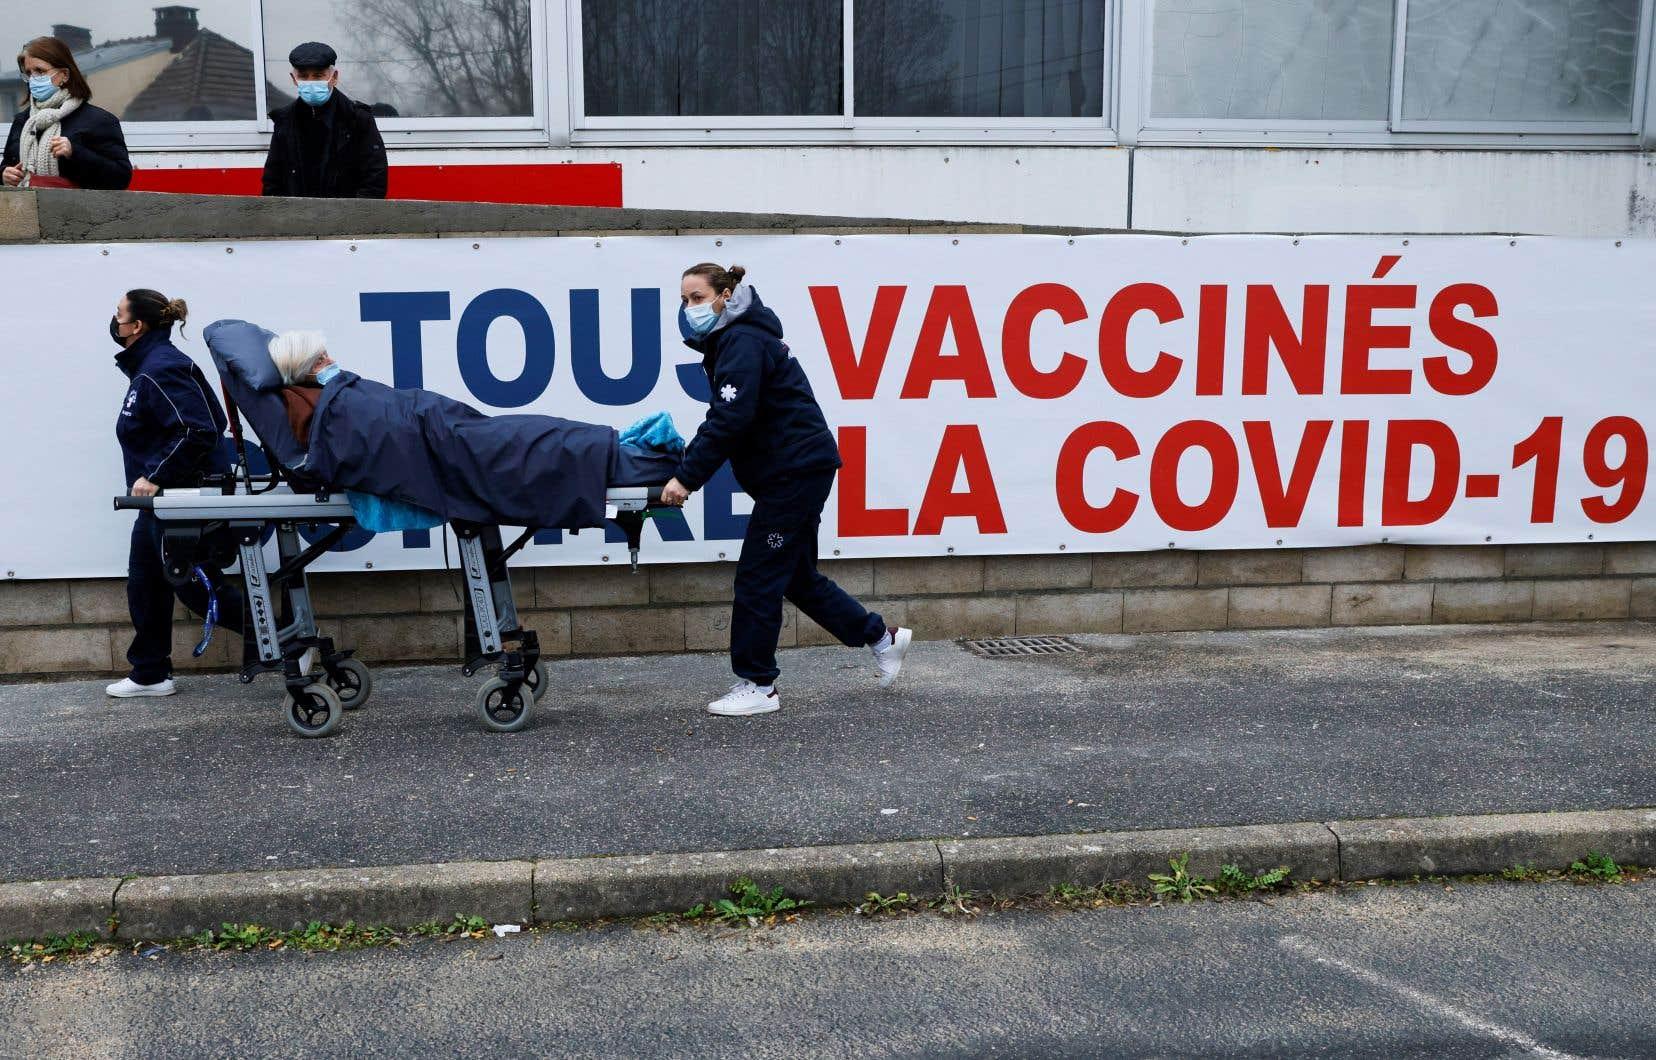 L'Union européenne (UE), qui a franchi mardi le seuil symbolique des 500000 décès, observe toutefois depuis quelques jours une légère baisse des contaminations et des décès quotidiens.